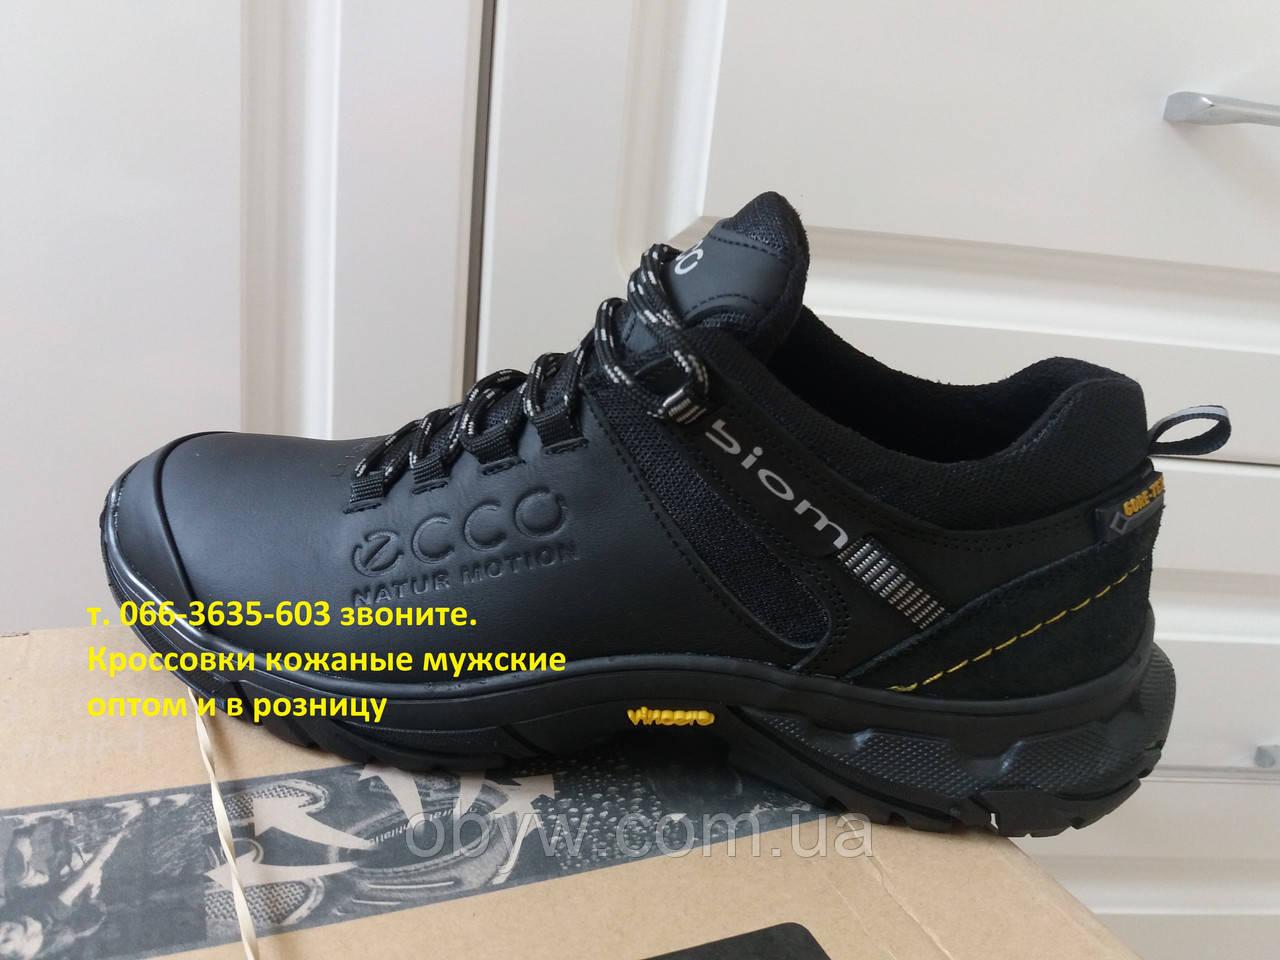 Мужская обувь ecco - ОБУВЬ КУРТКИ В НАЛИЧИИ И ЦЕНЫ АКТУАЛЬНЫ в Днепре 39079ff472c33